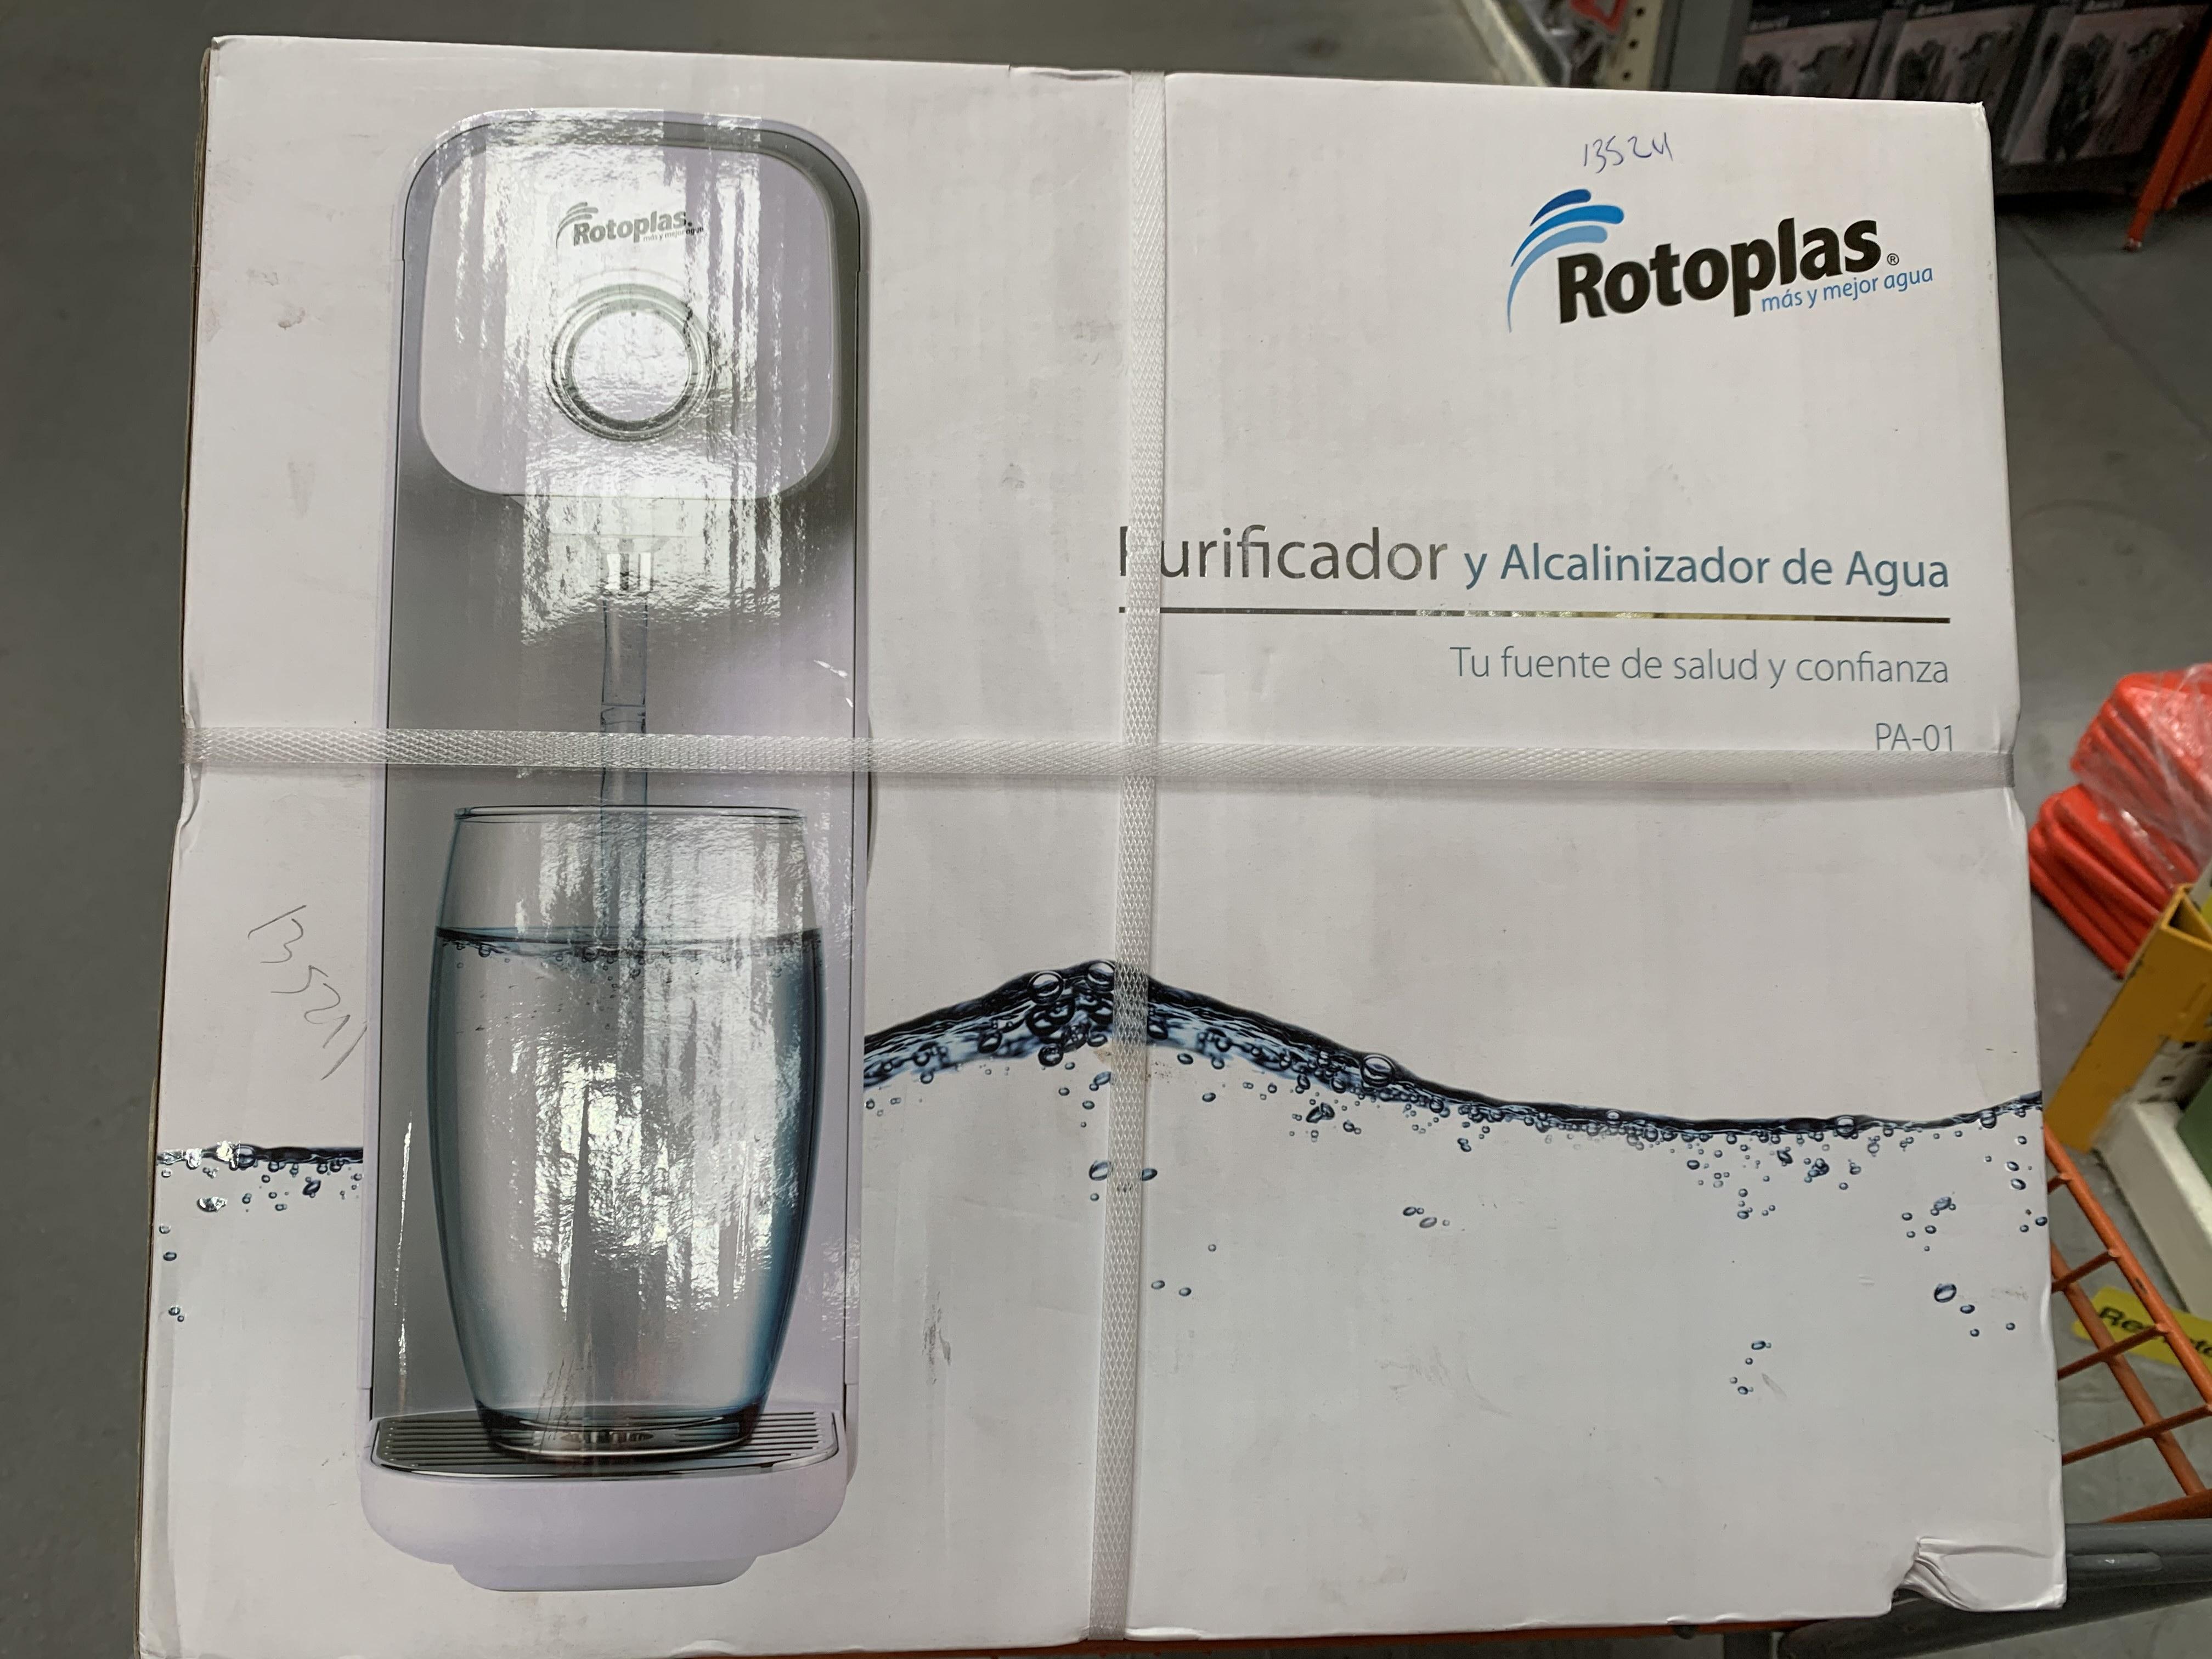 Home Depot: Purificador y Alcanizador de Agua Rotoplas PA-01